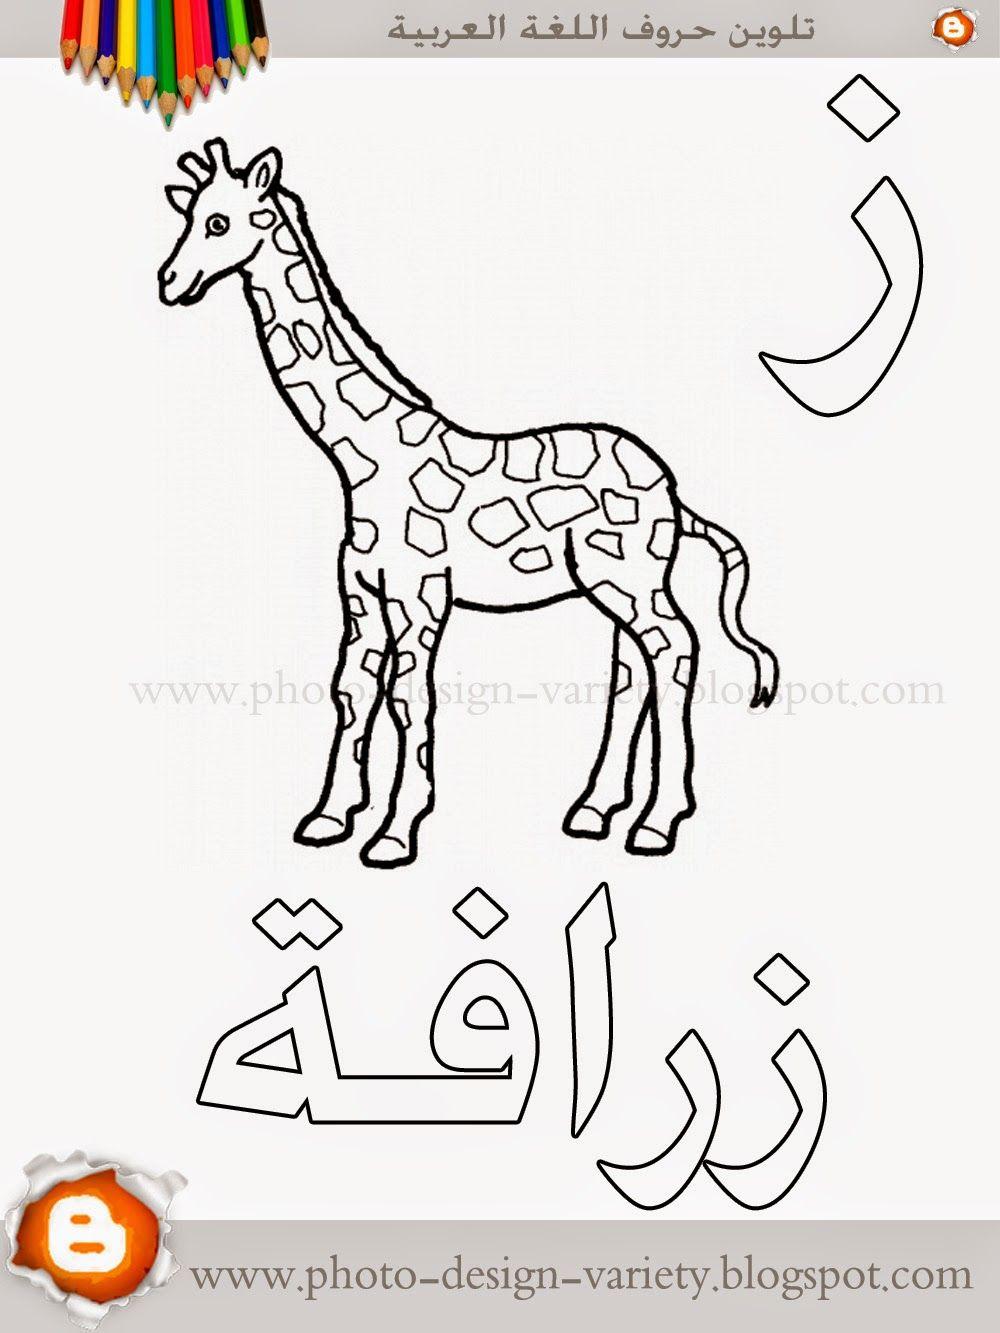 ألبومات صور منوعة البوم تلوين صور حروف هجاء اللغة العربية مع الأمثلة Arabic Alphabet Arabic Kids Alphabet Coloring Pages